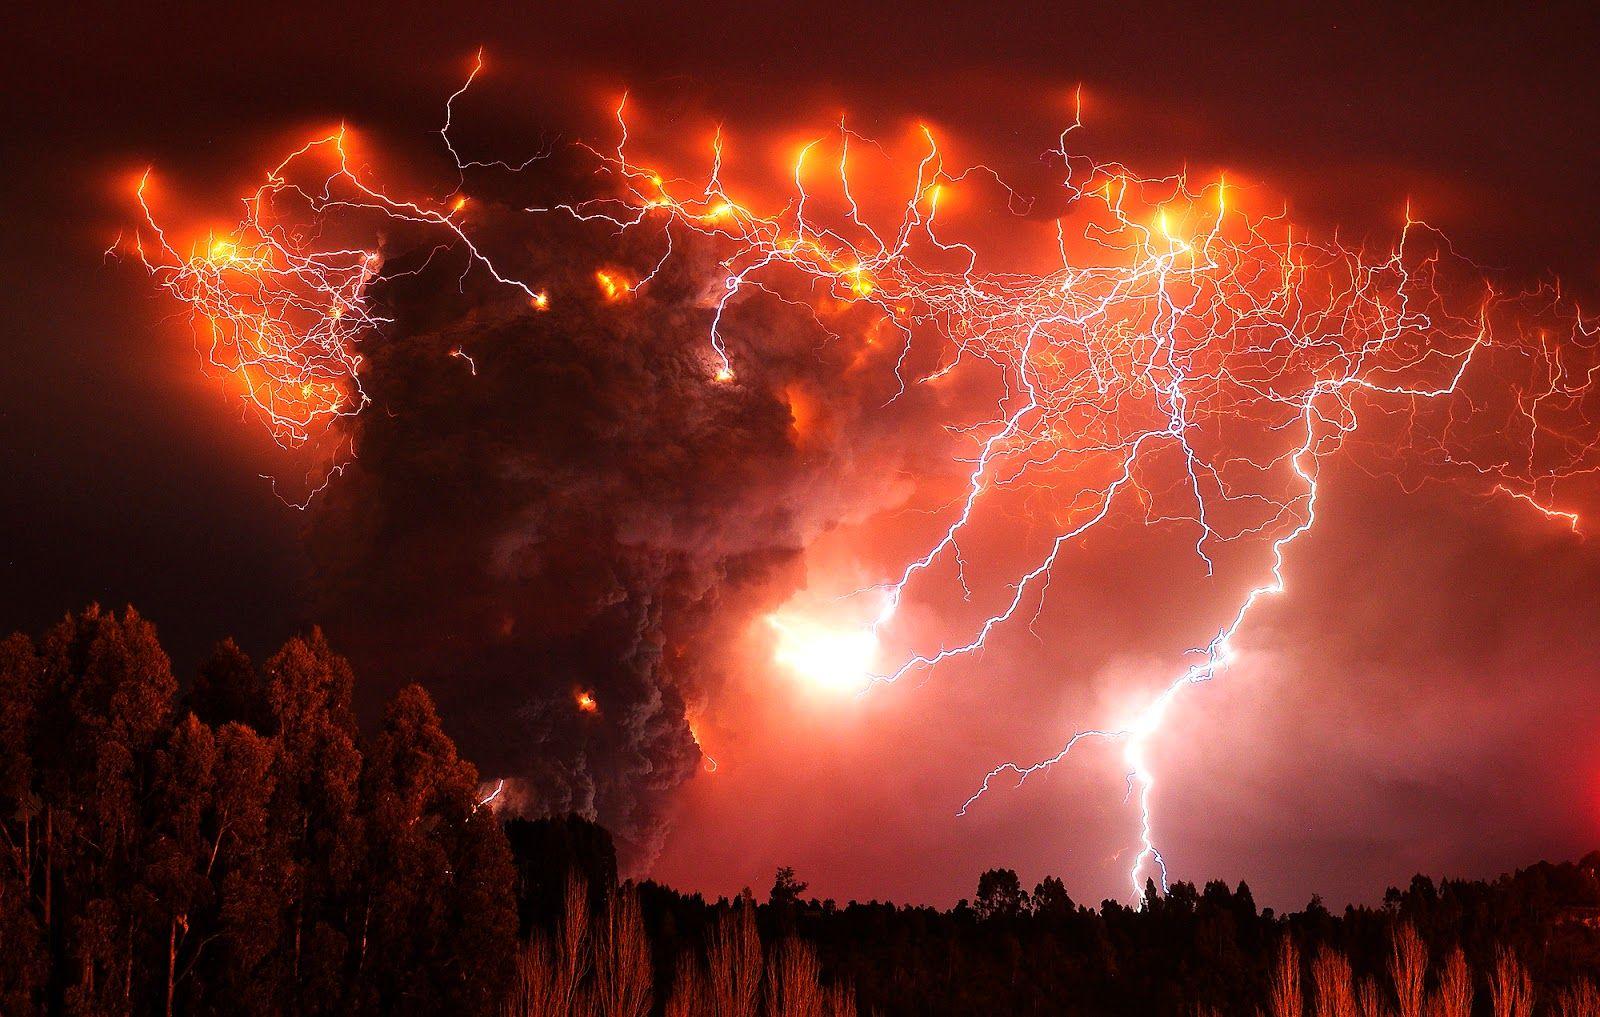 Los Misterios del Libro del Apocalipsis [de San Juan evangelista]